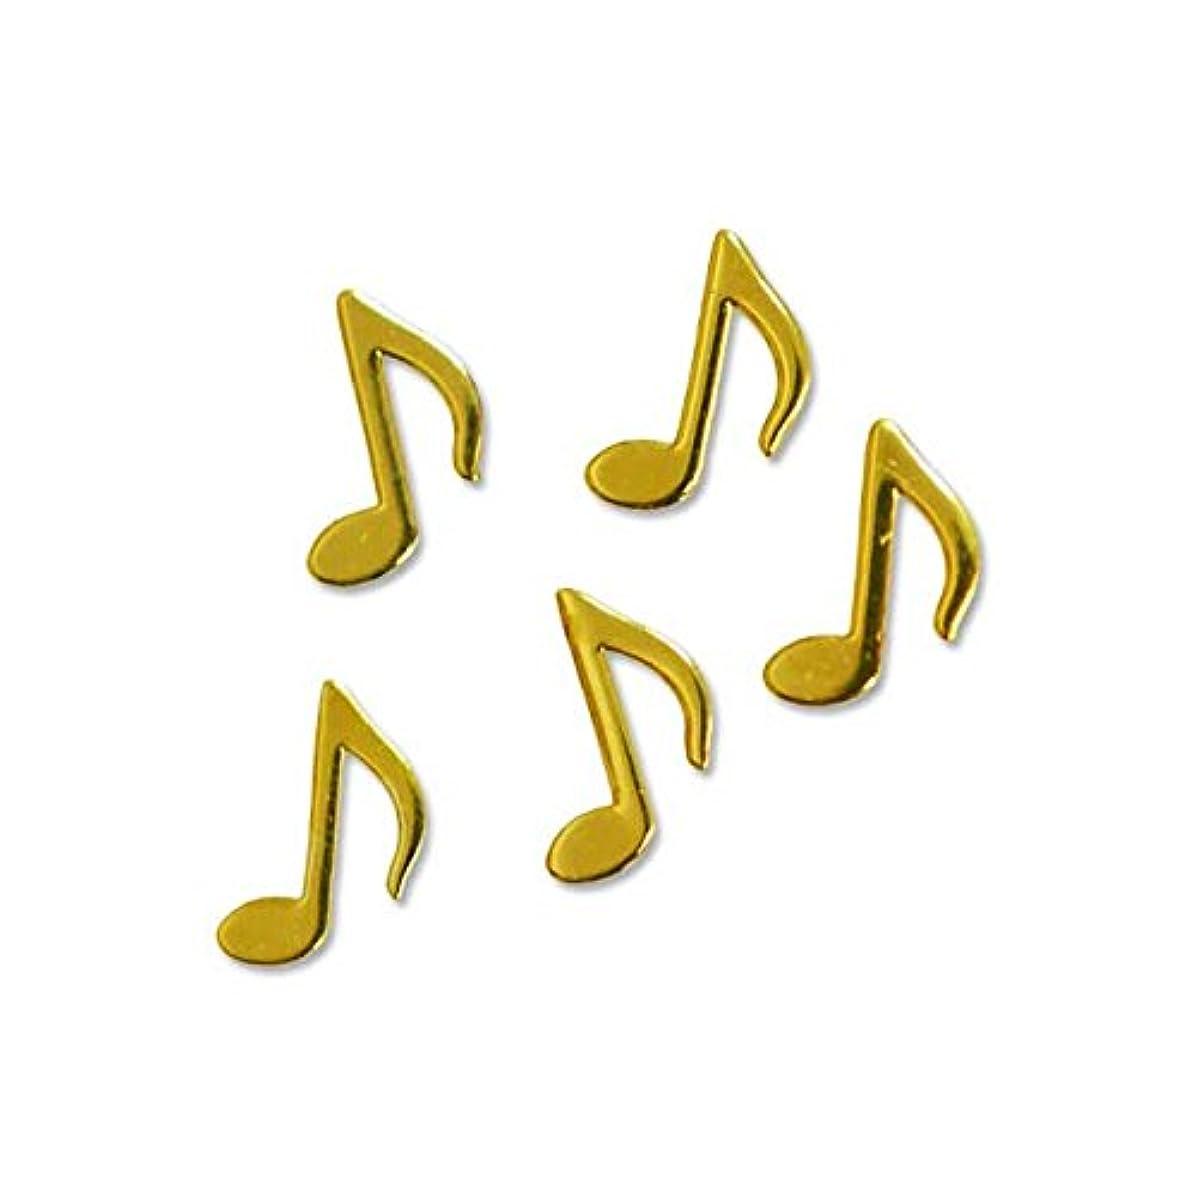 震える怒る何十人も薄型メタルパーツ10025ミュージック 音符 おたまじゃくし4mm×5mm(ゴールド)/20p入り